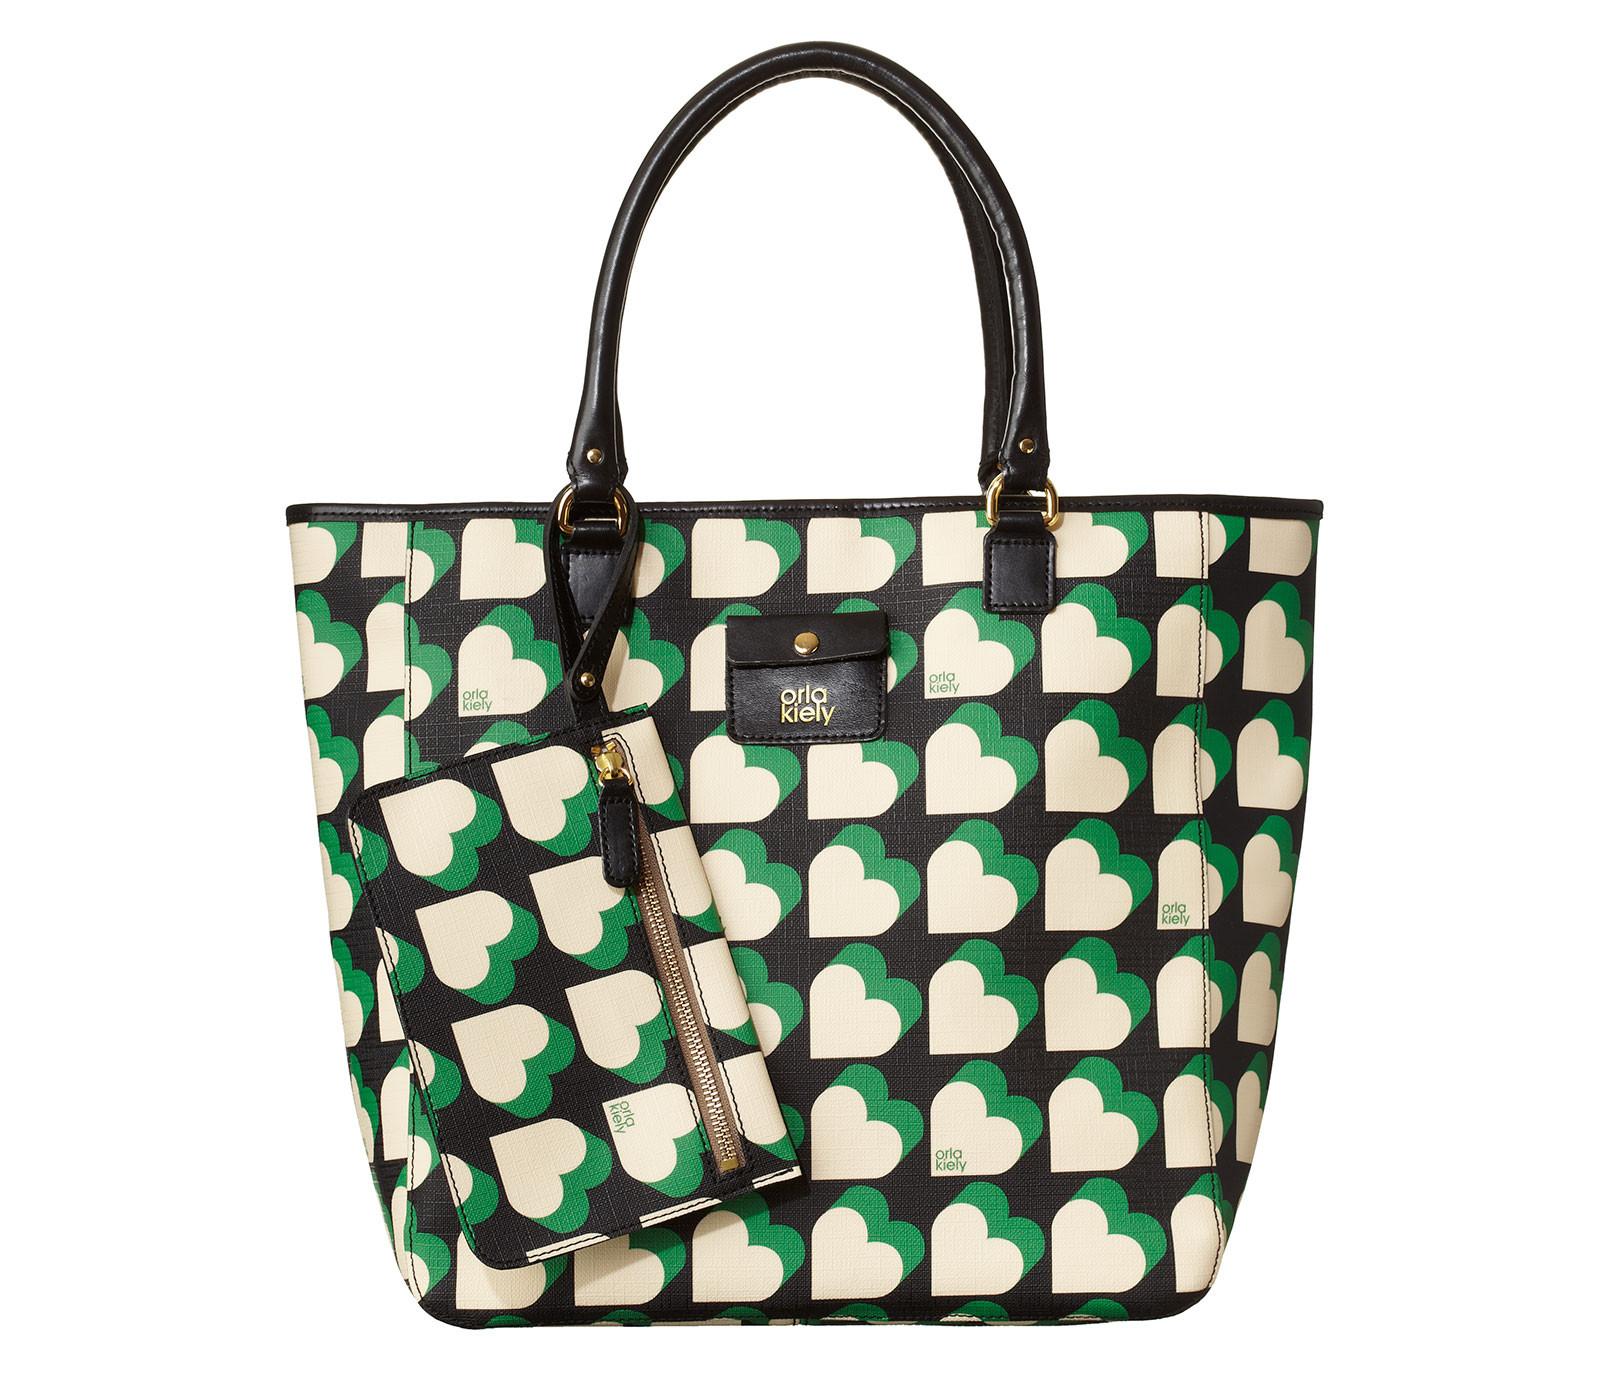 Orla Keily bag $318 (Photo: Orla Keily)